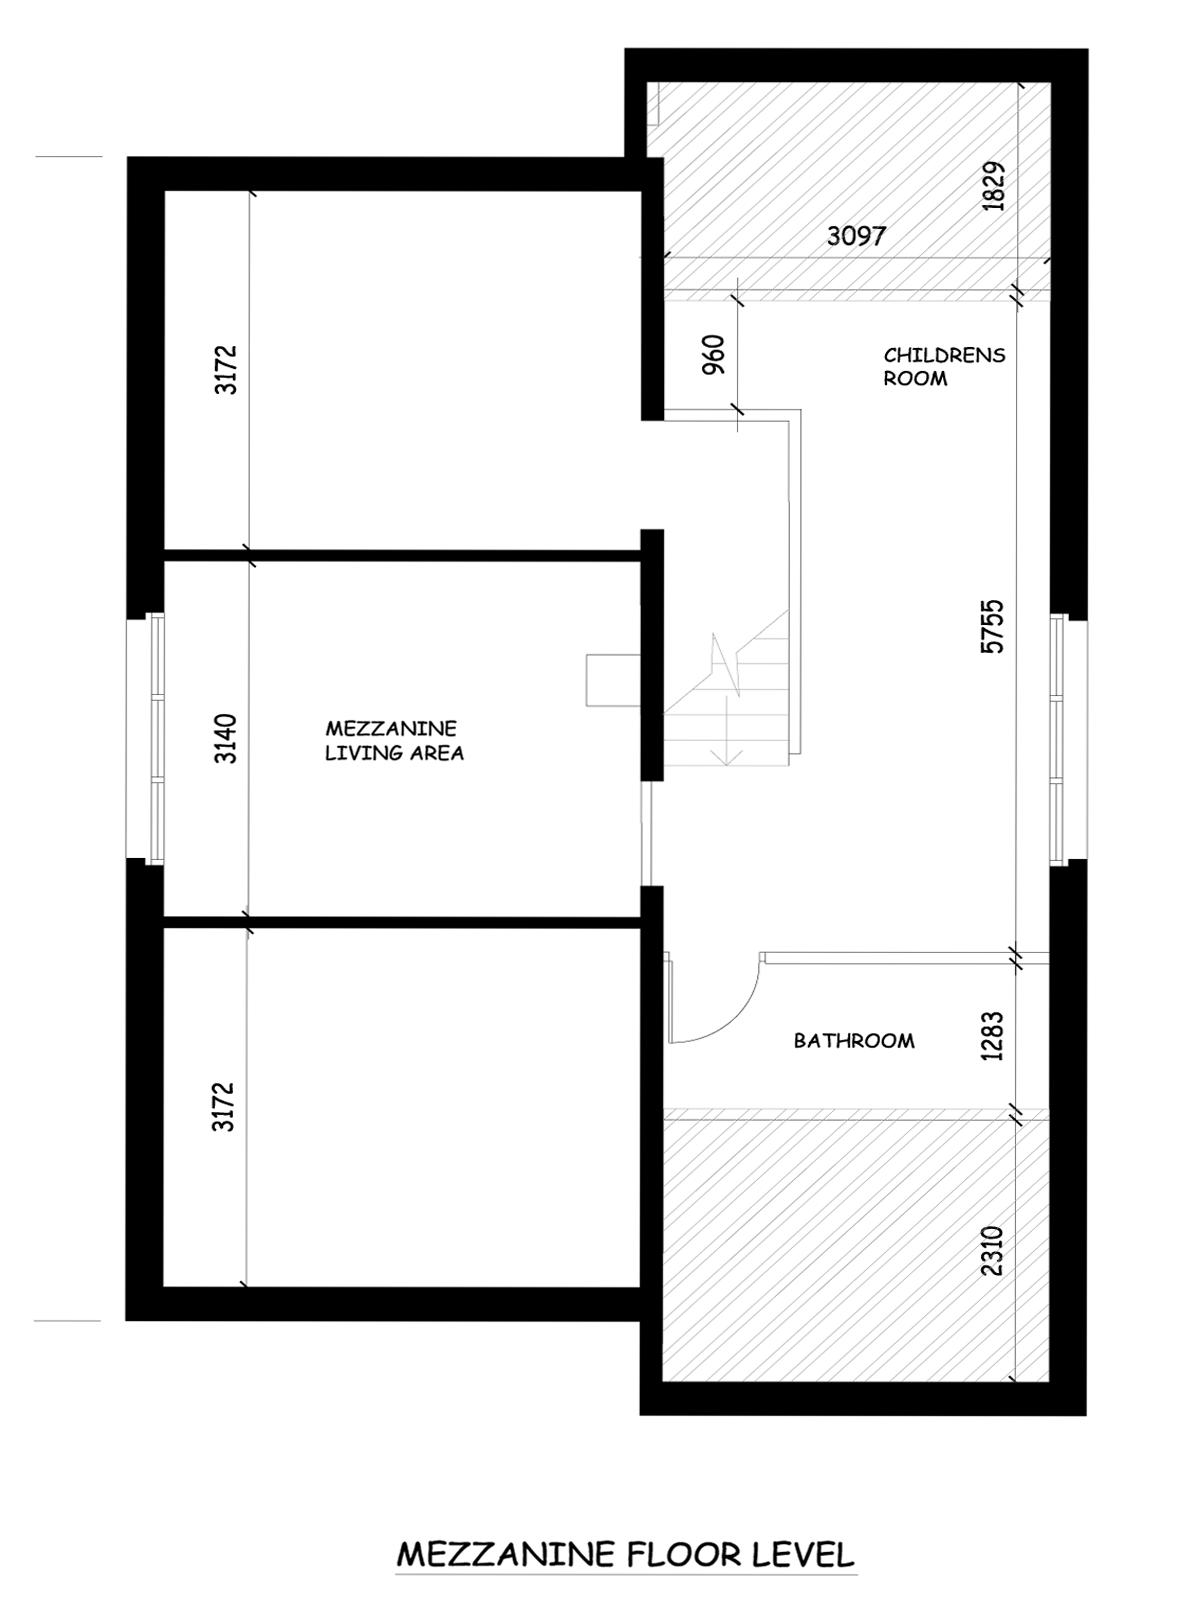 floor plans the mountain whisper luxury ski chalet mezzanine floor plan